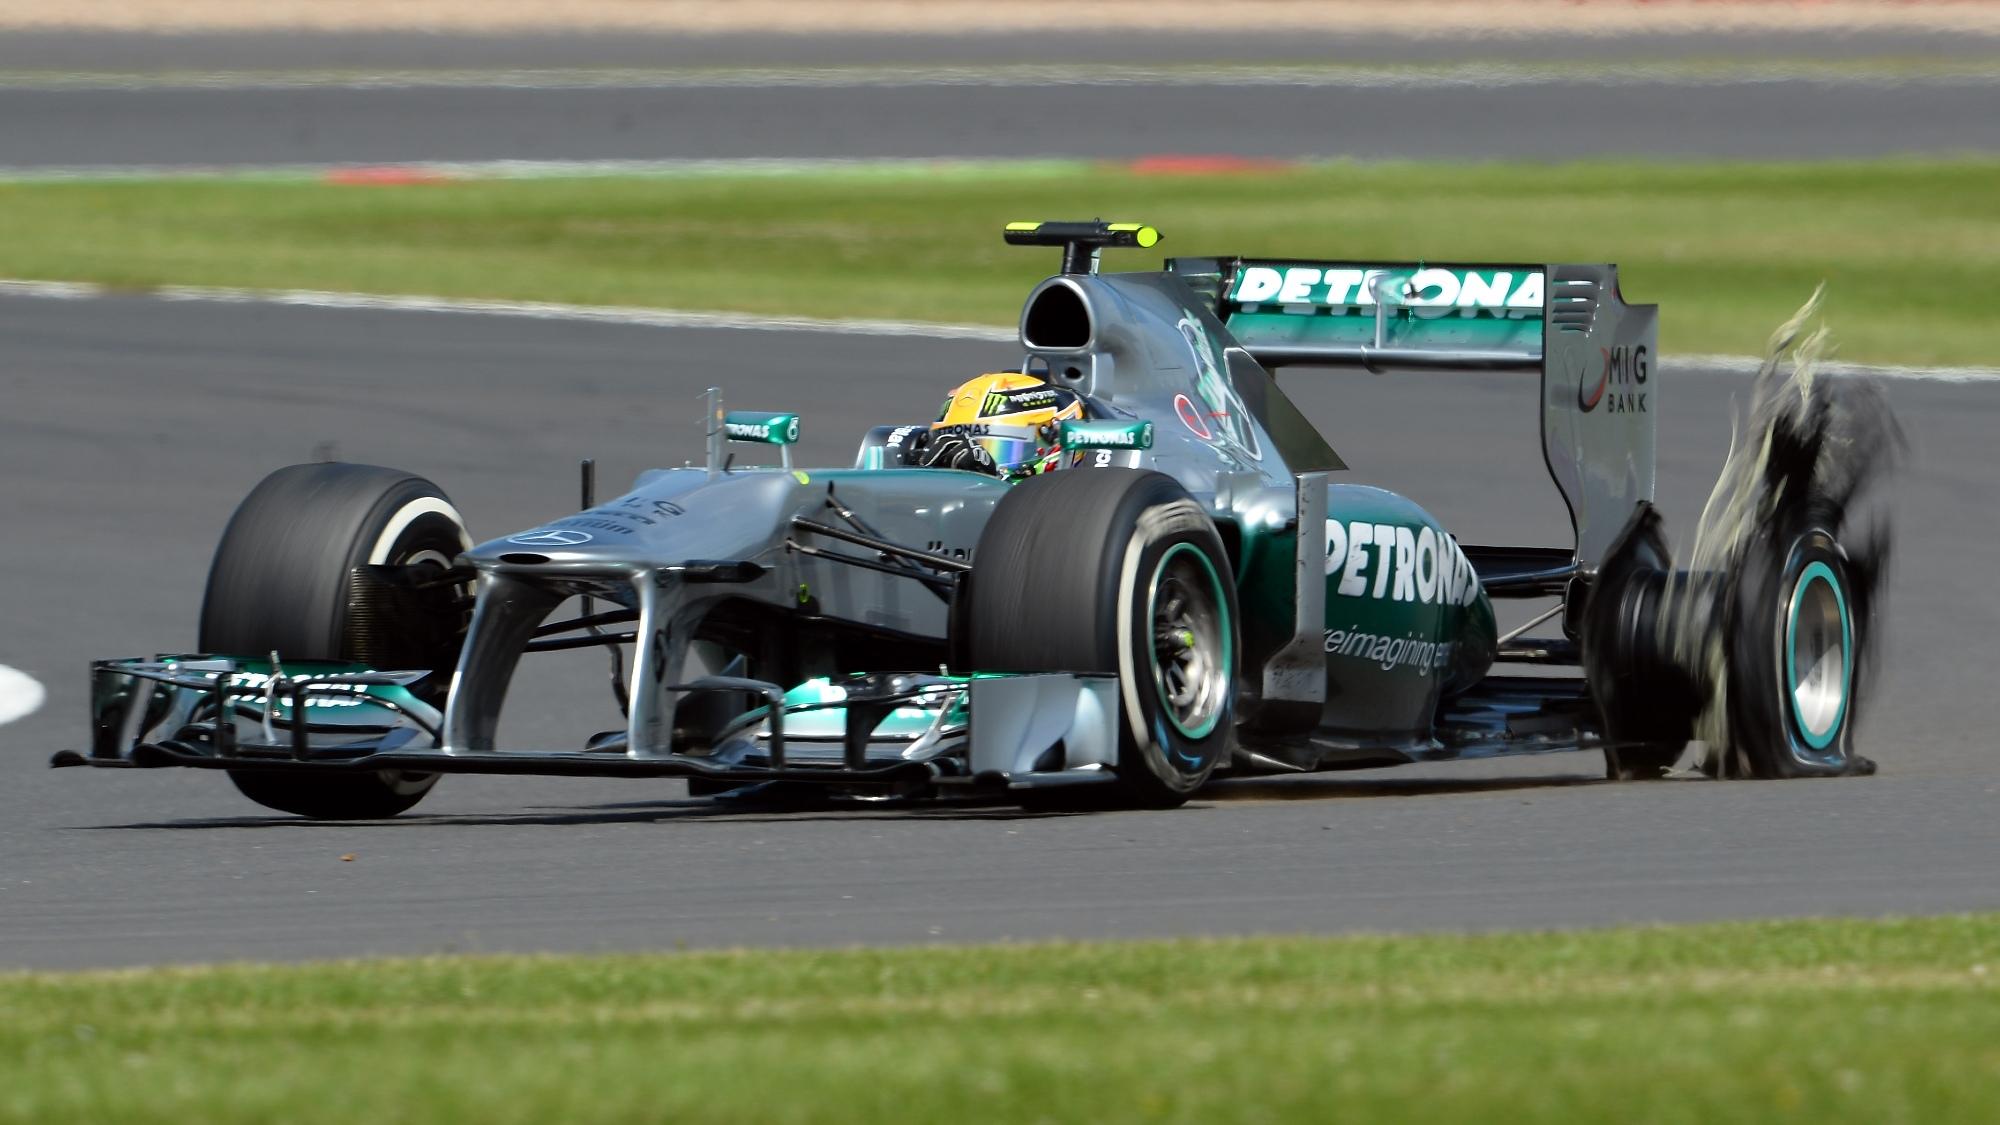 Lewis Hamilton, 2013 British GP